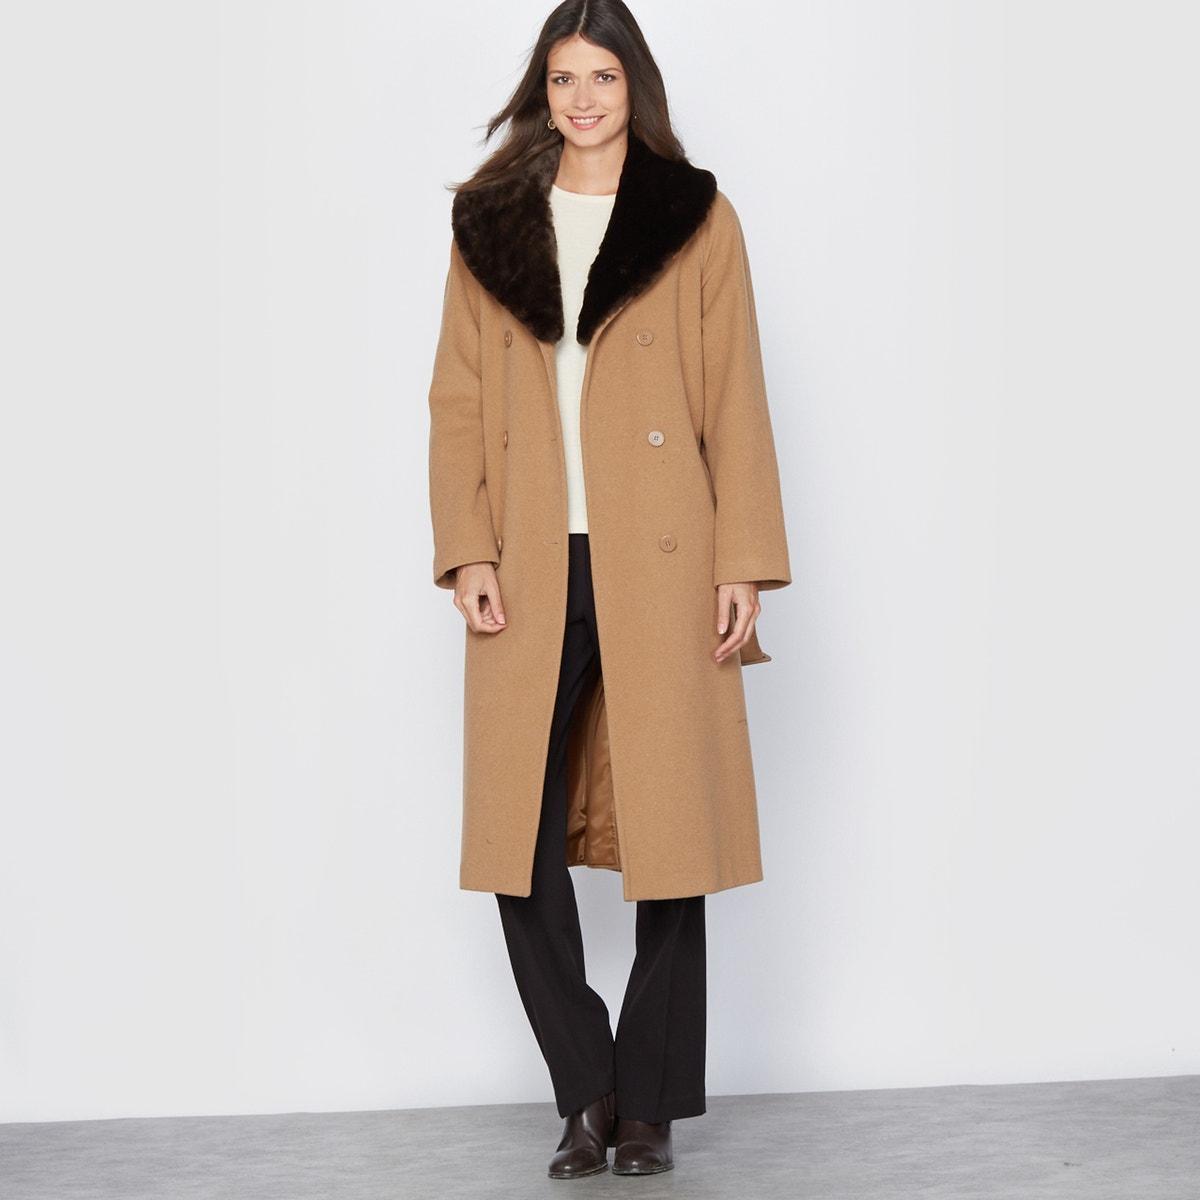 Μακρύ παλτό (110 εκ.) ΚΑΦΕ γυναικα   πανωφόρια   παλτό